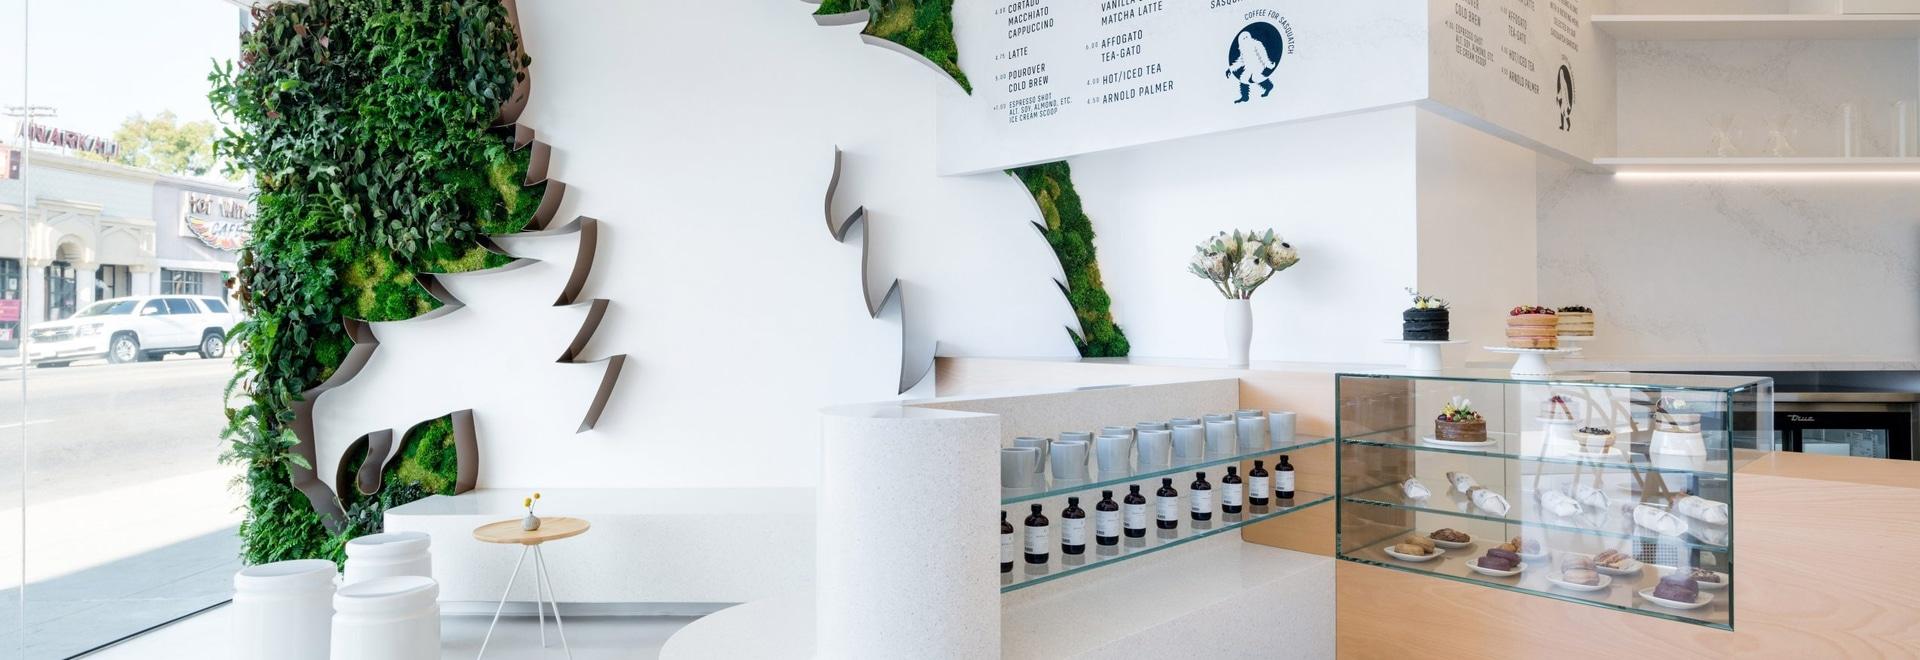 Los 11 pies Sasquatch rodeado por una pared verde acogen con satisfacción a clientes a esta cafetería